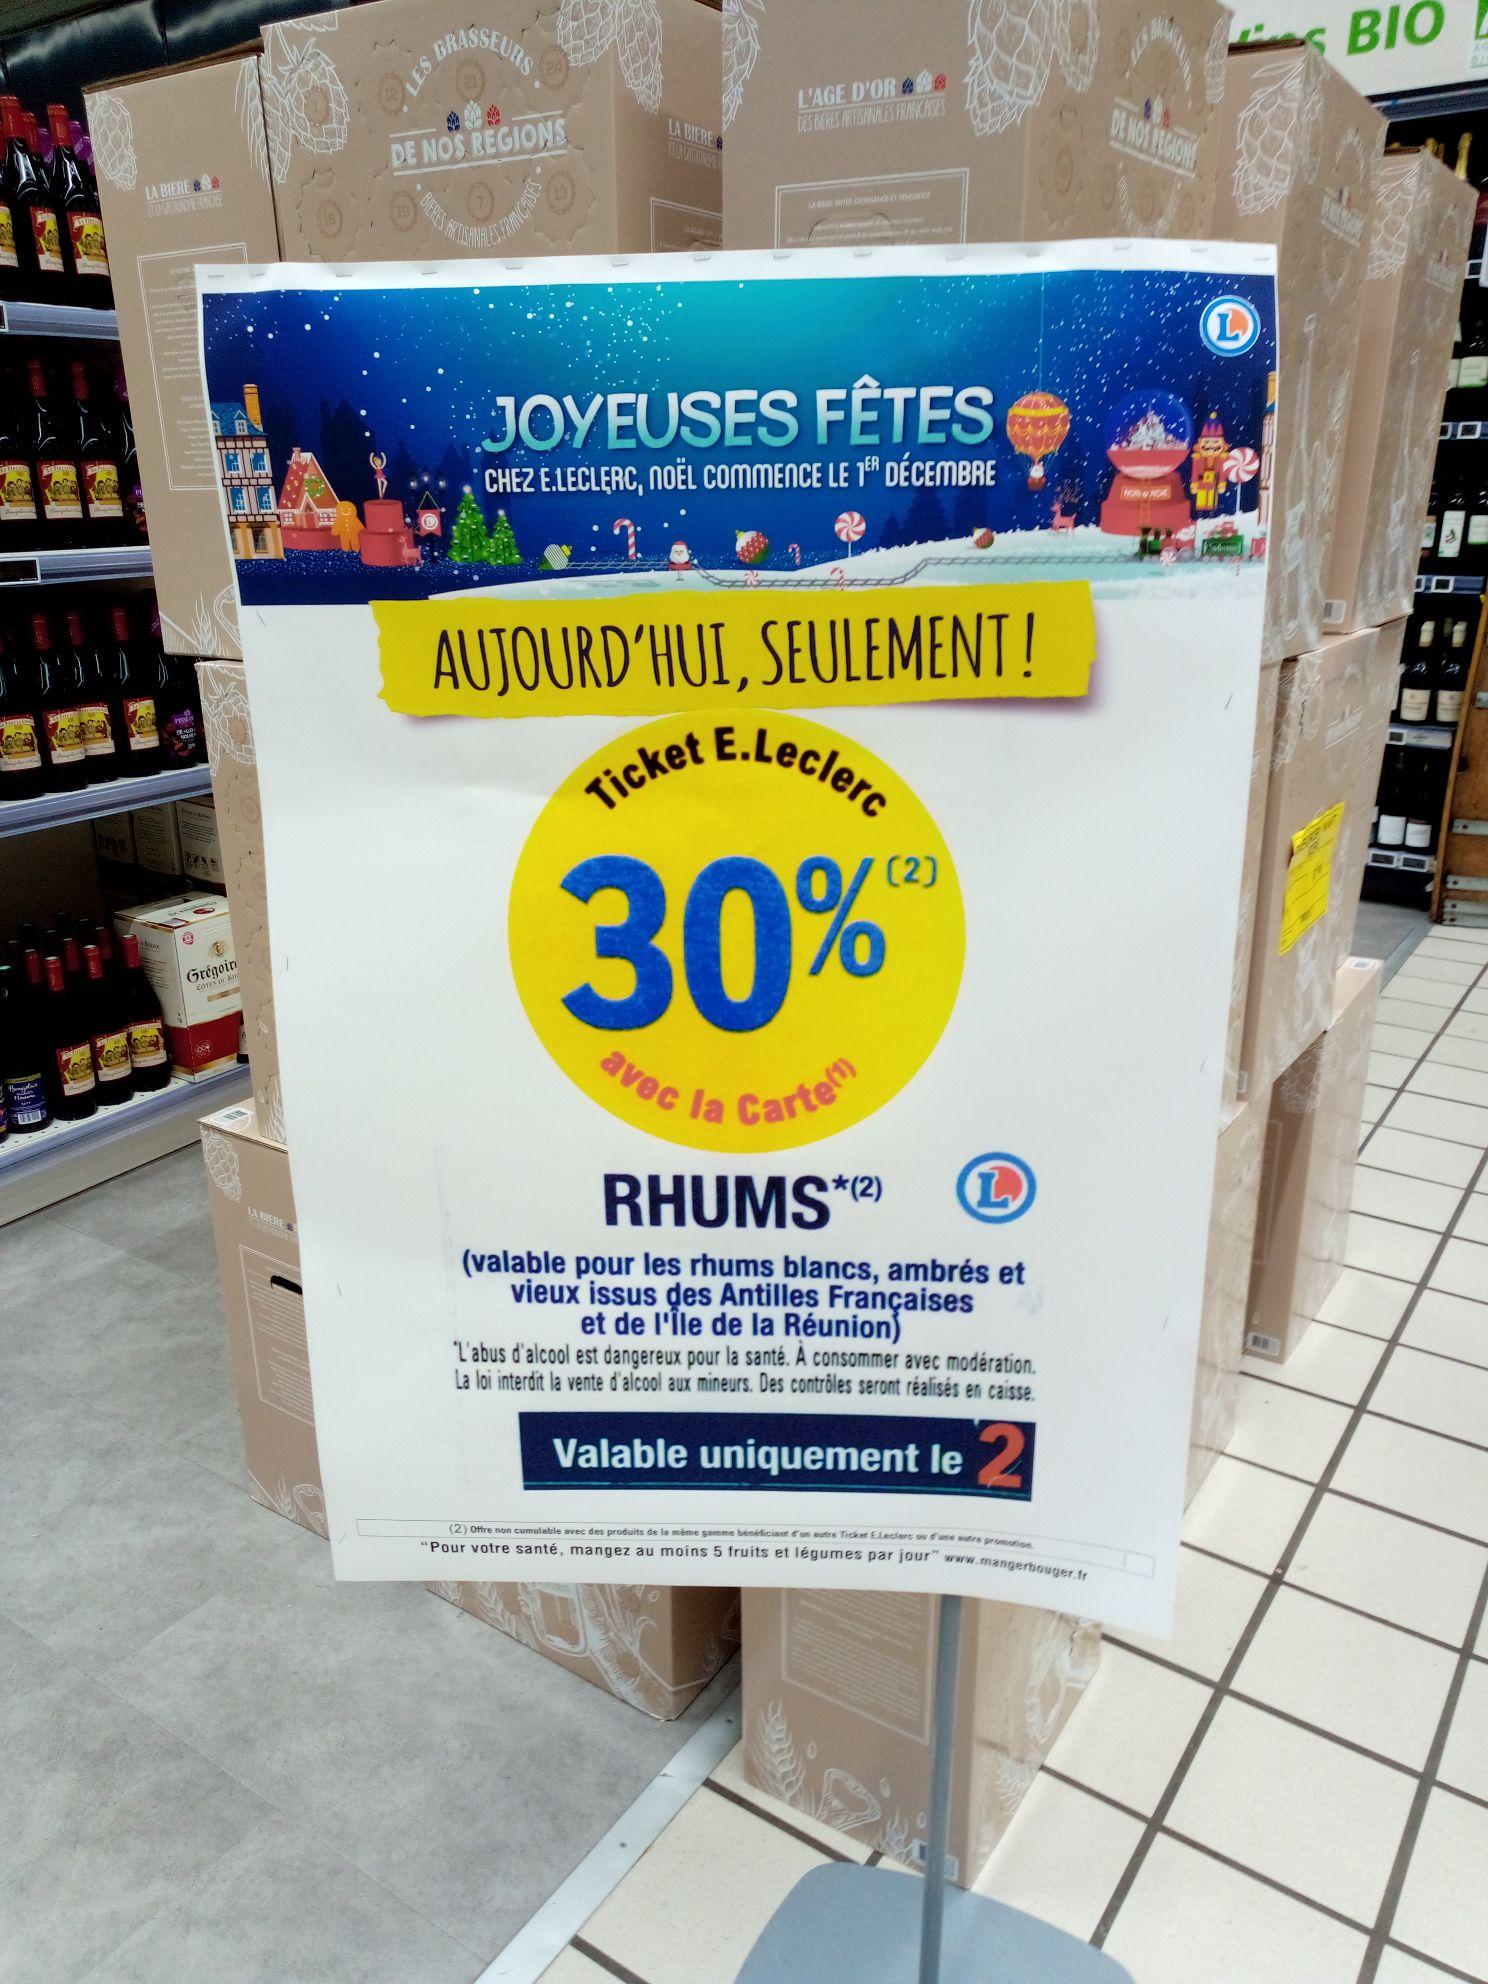 30% crédités sur la carte fidélité sur rhums blancs, ambrés et vieux issus des Antilles - Saint Étienne du Rouvray (76)